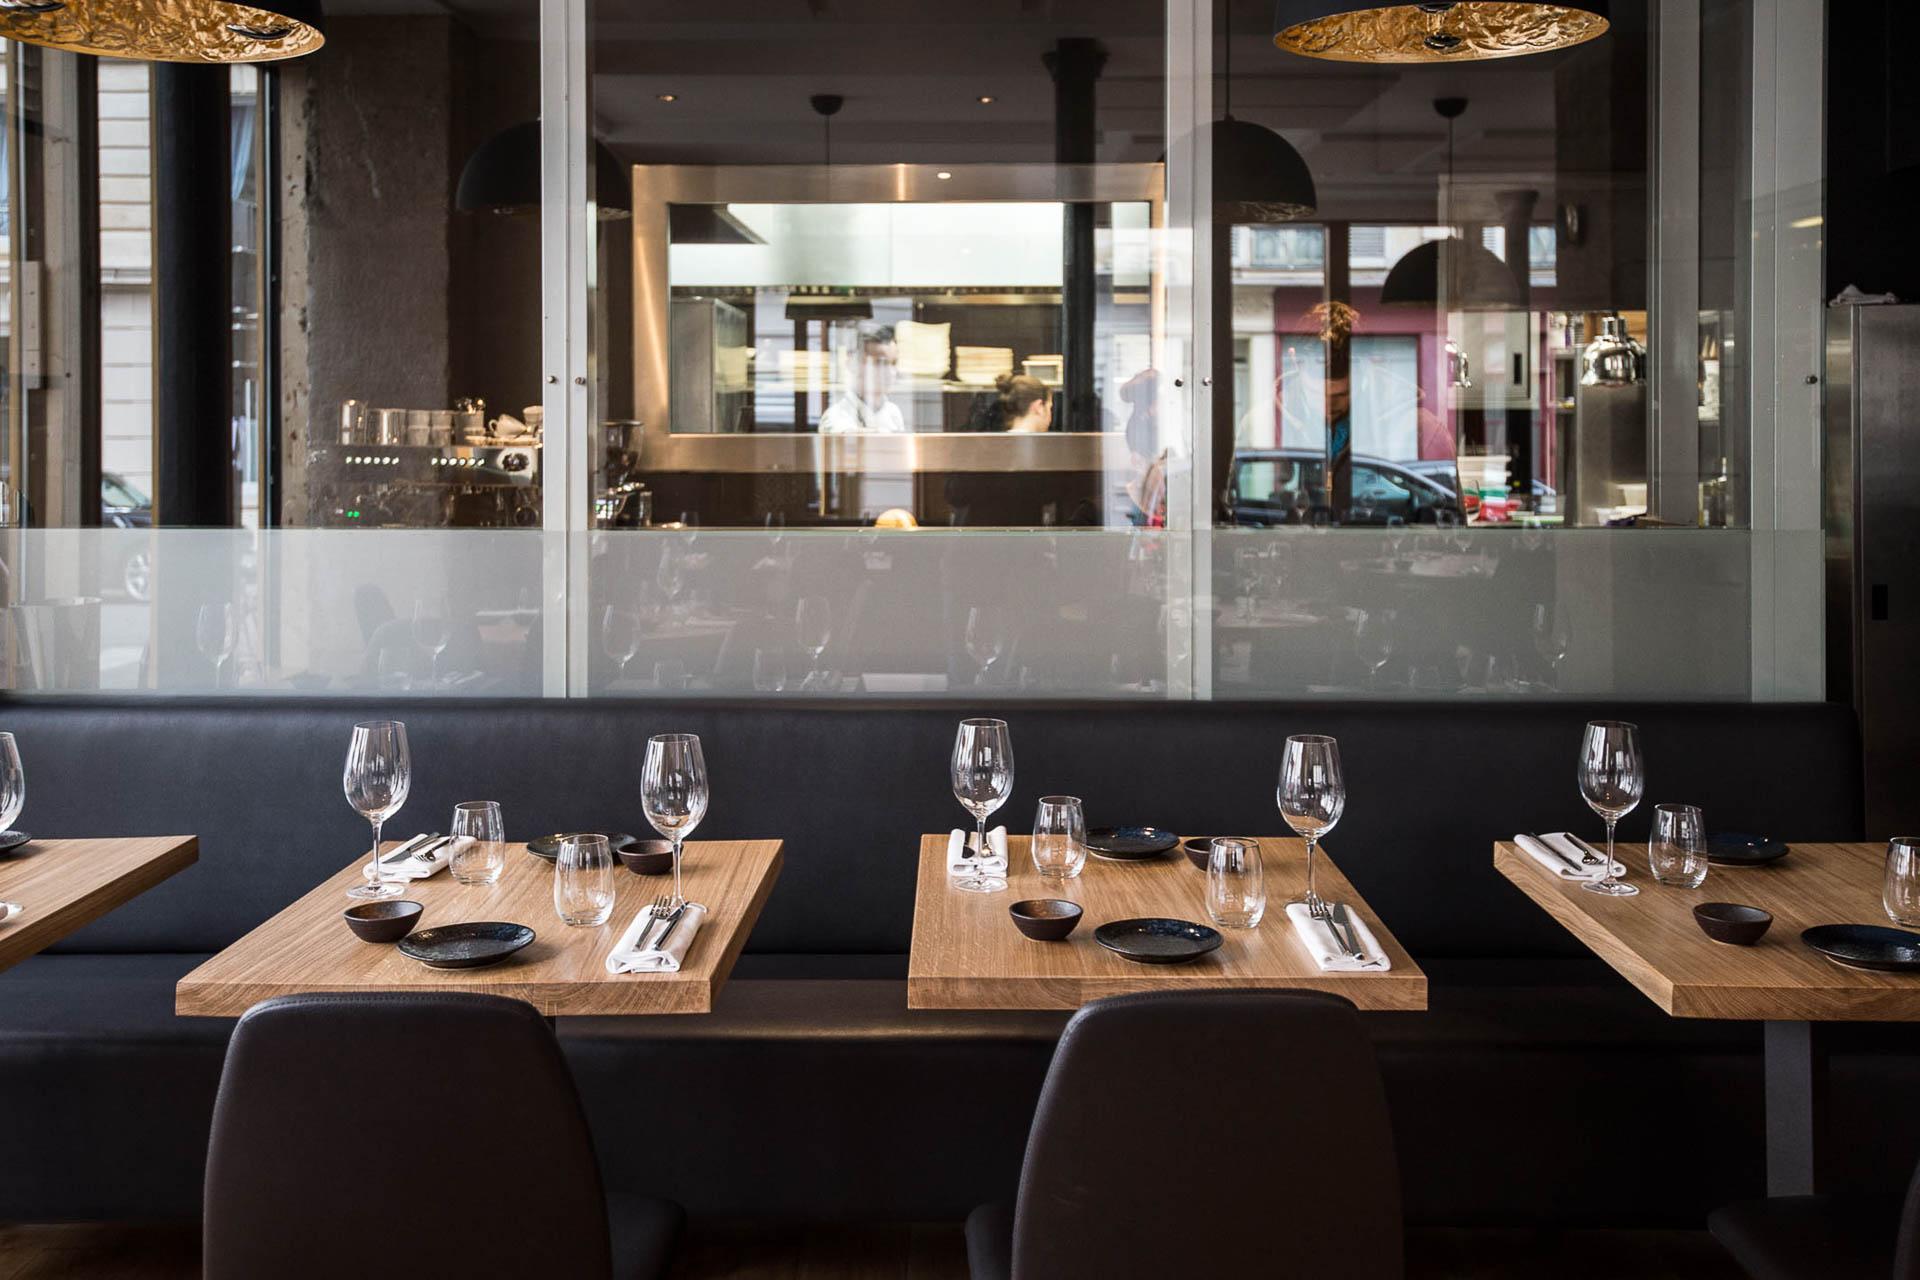 Julia Sedefdjian, plus jeune cheffe étoilée de France, accompagnée de Sébastien Jean-Joseph et Grégory Anelka, vient d'inaugurer Baieta, son premier restaurant dans le 5ème arrondissement de Paris. On est parti y planter notre fourchette.